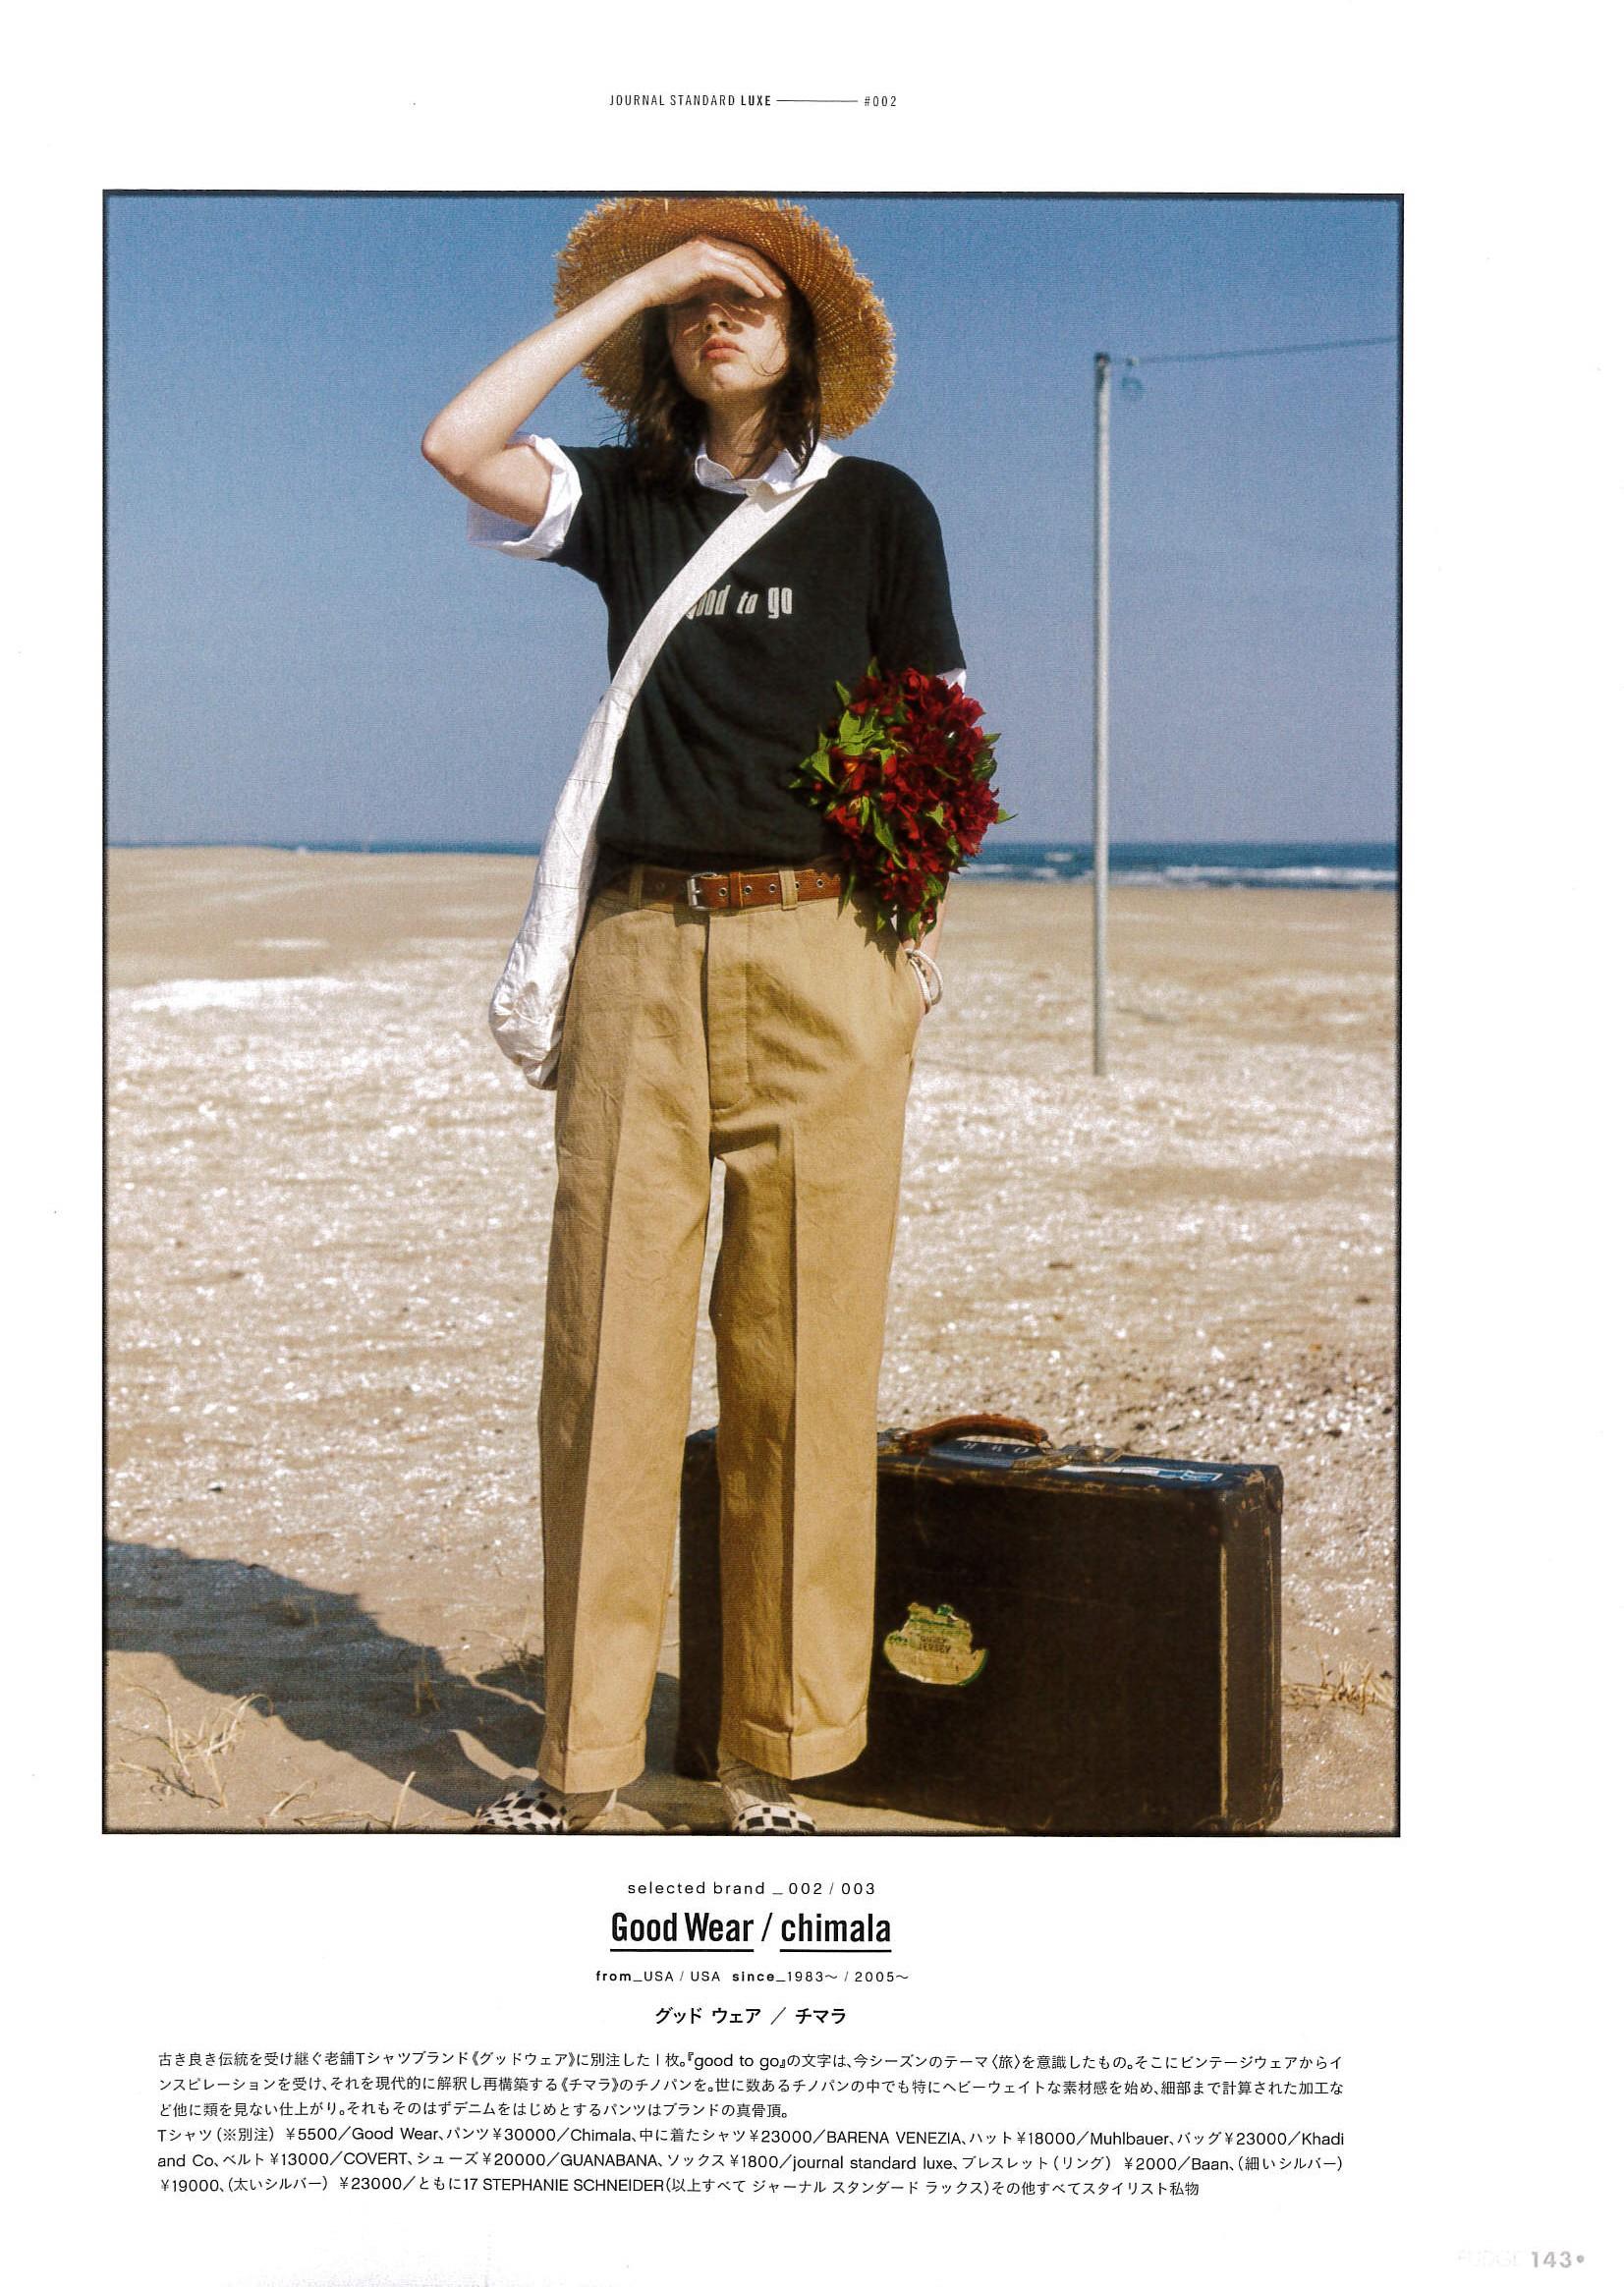 FUDGE4月号 journal standard luxe